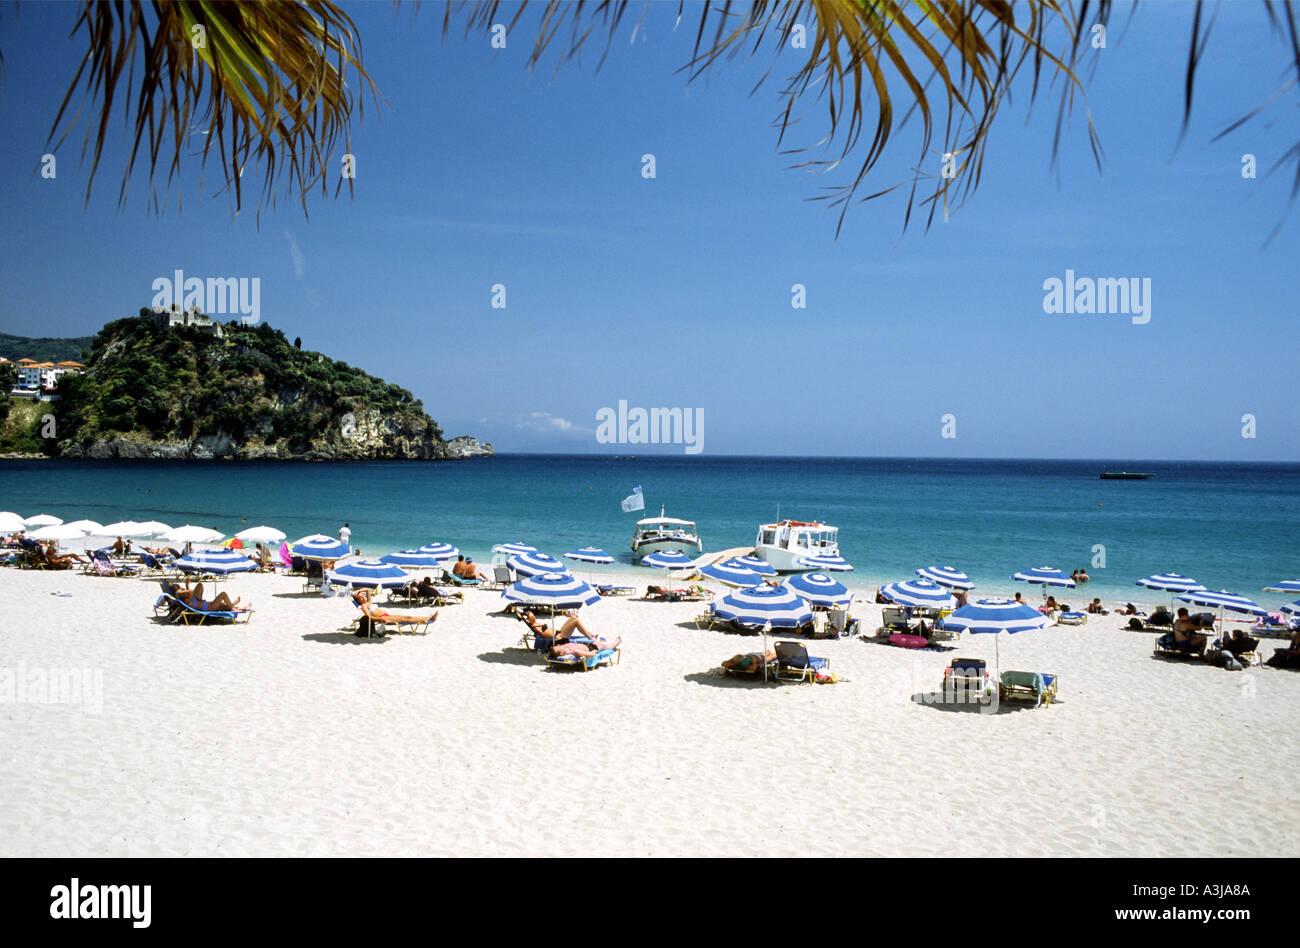 Subathing Valtos Beach Parga Greek Ionian Island Greece - Stock Image